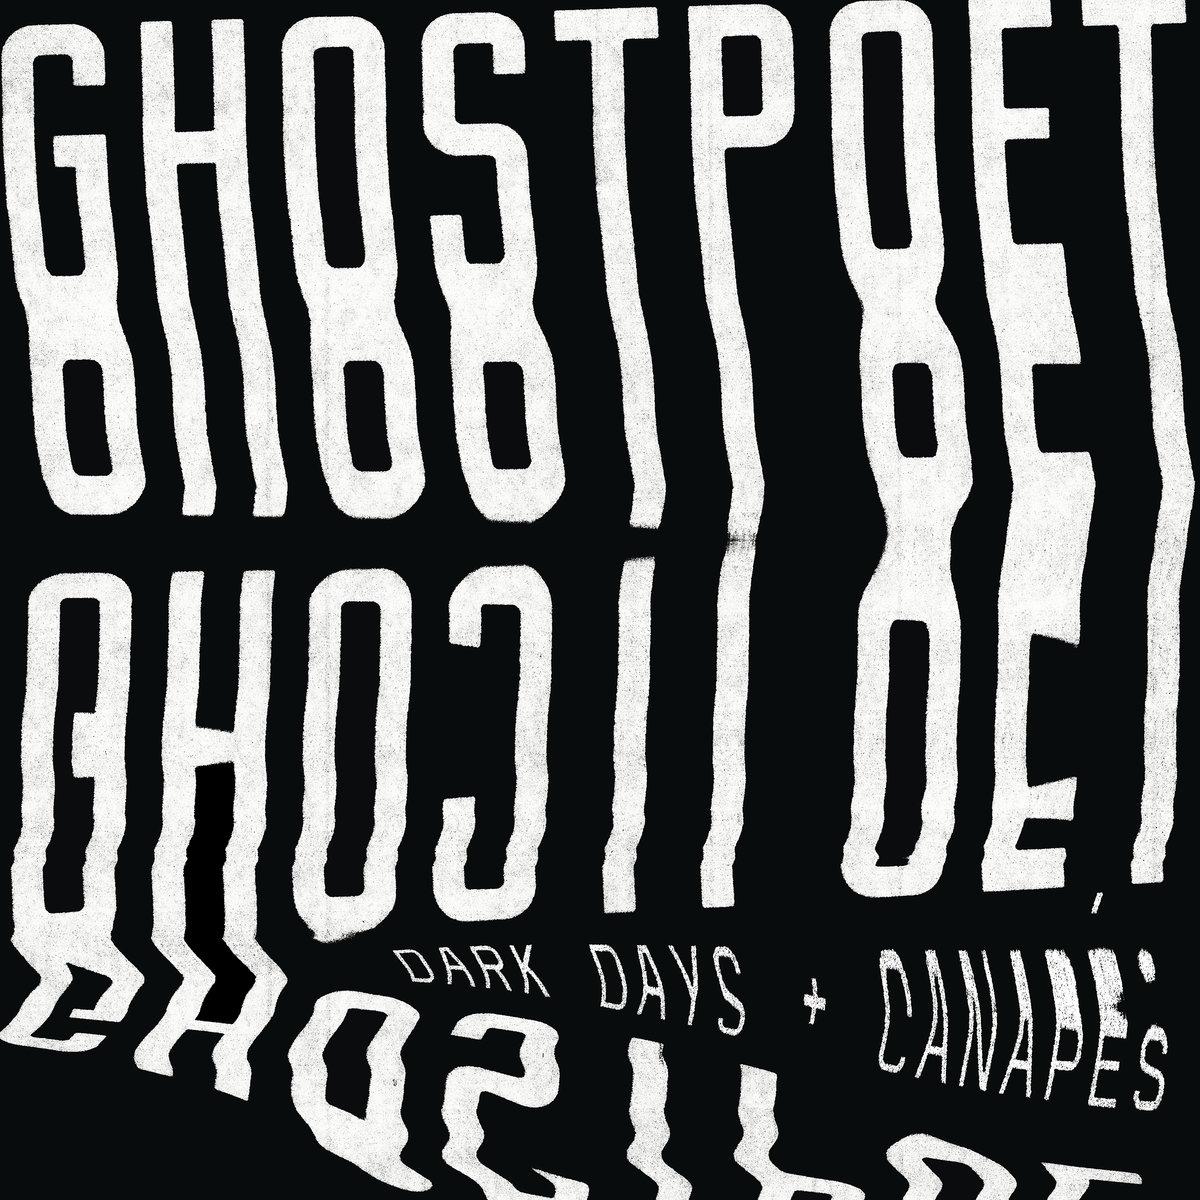 Ghostpoet album review Dark Days + Canapes